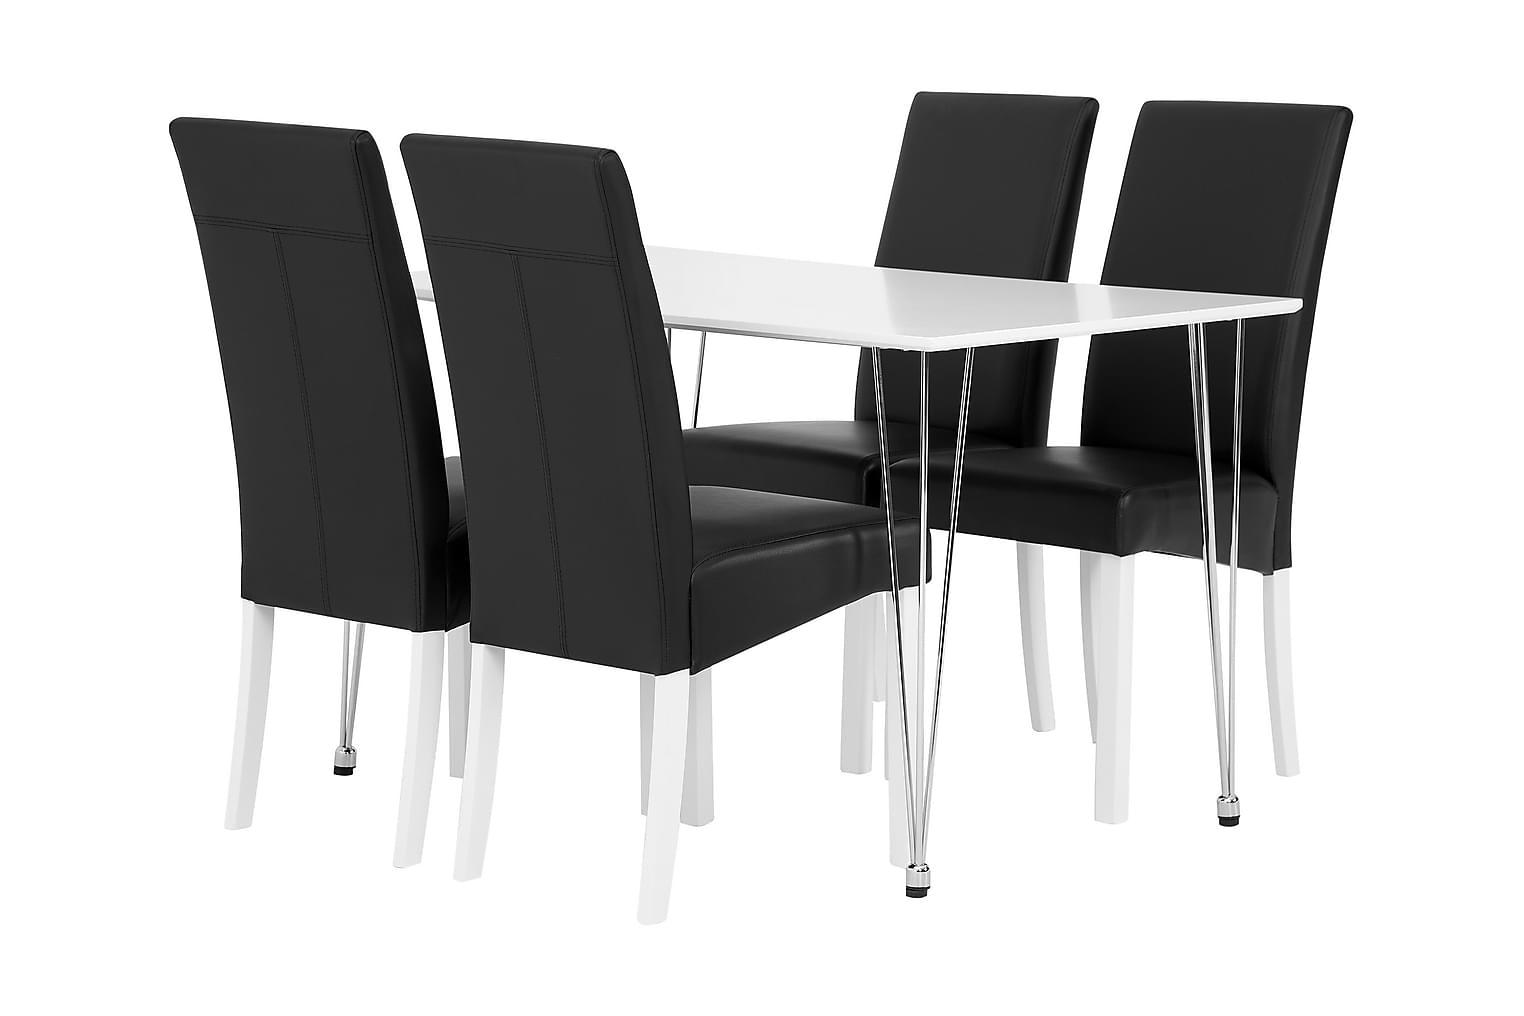 KRONBERG Pöytä 120 Matta + 4 FALUN Tuolia Musta/Valkoinen